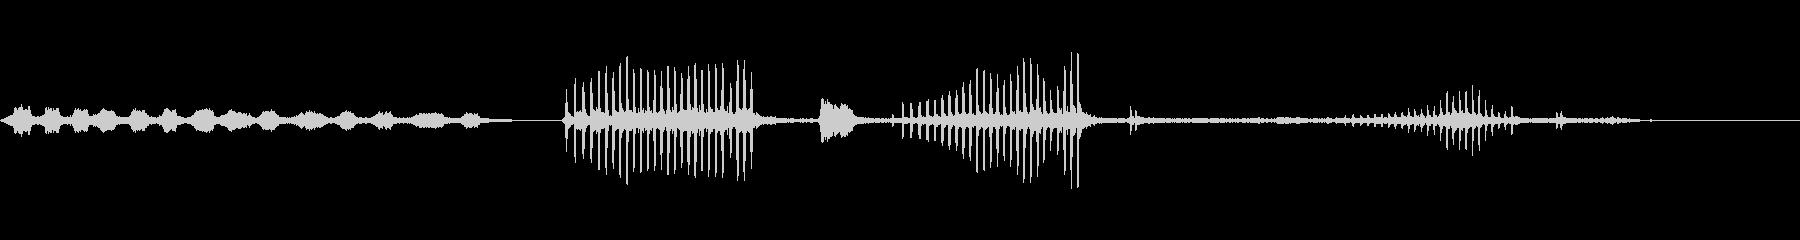 オオタカの森-鳥-2バージョンの未再生の波形